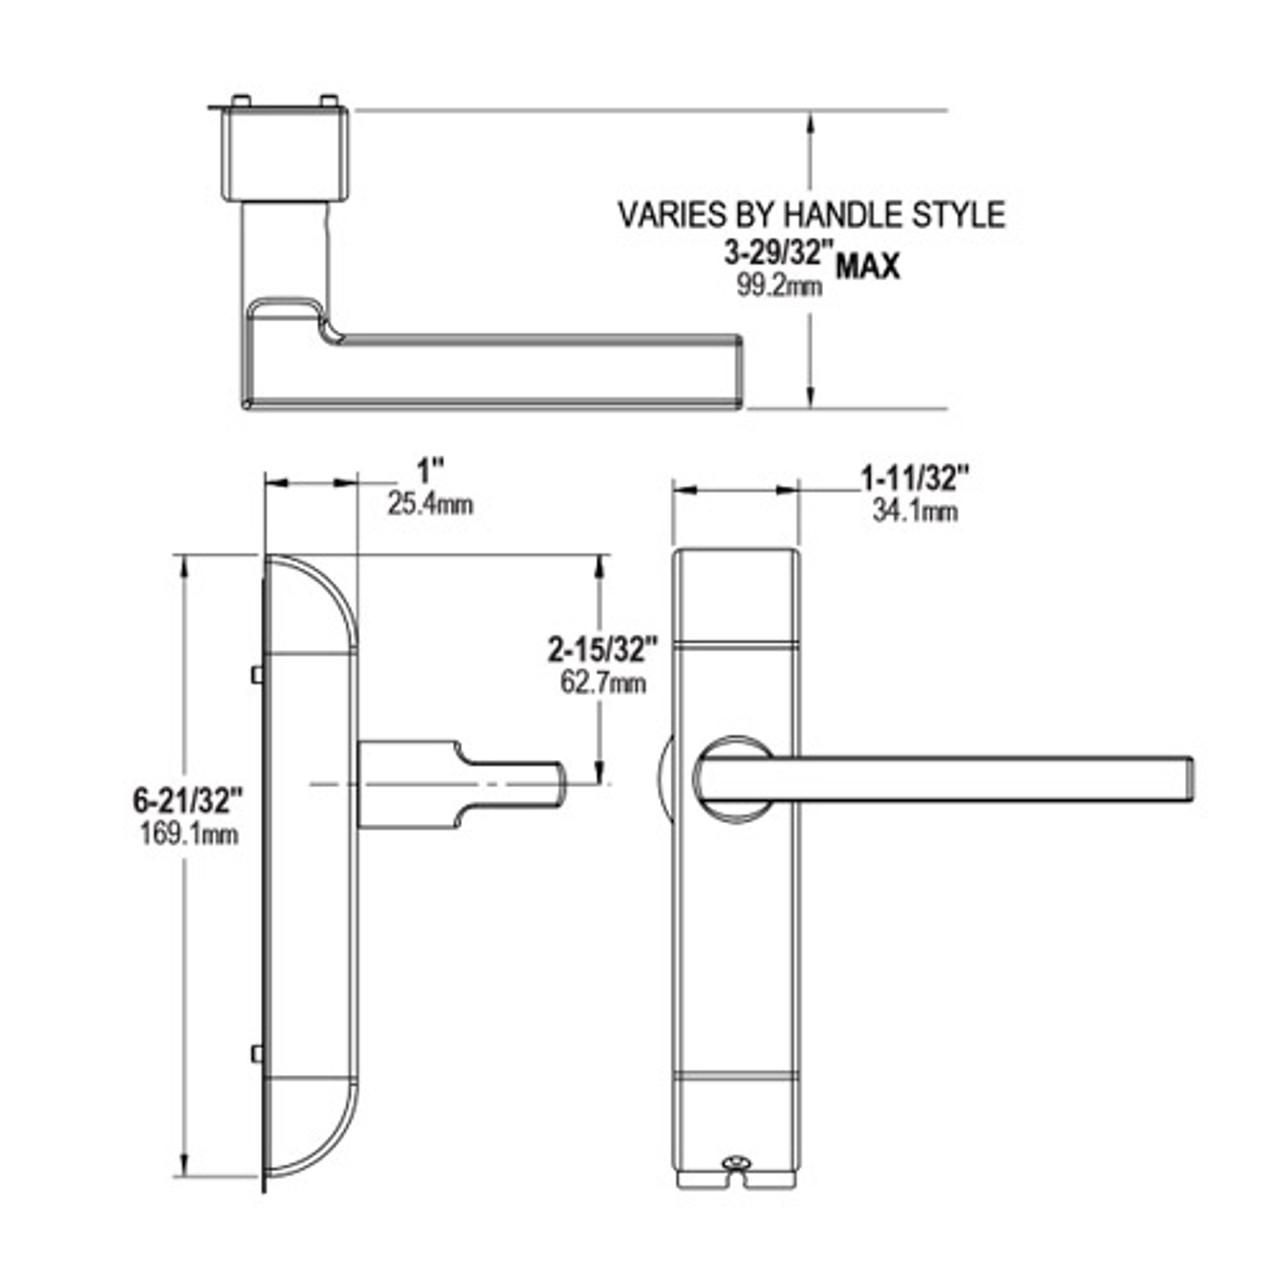 4600M-MJ-531-US10B Adams Rite MJ Designer handle Dimensional View